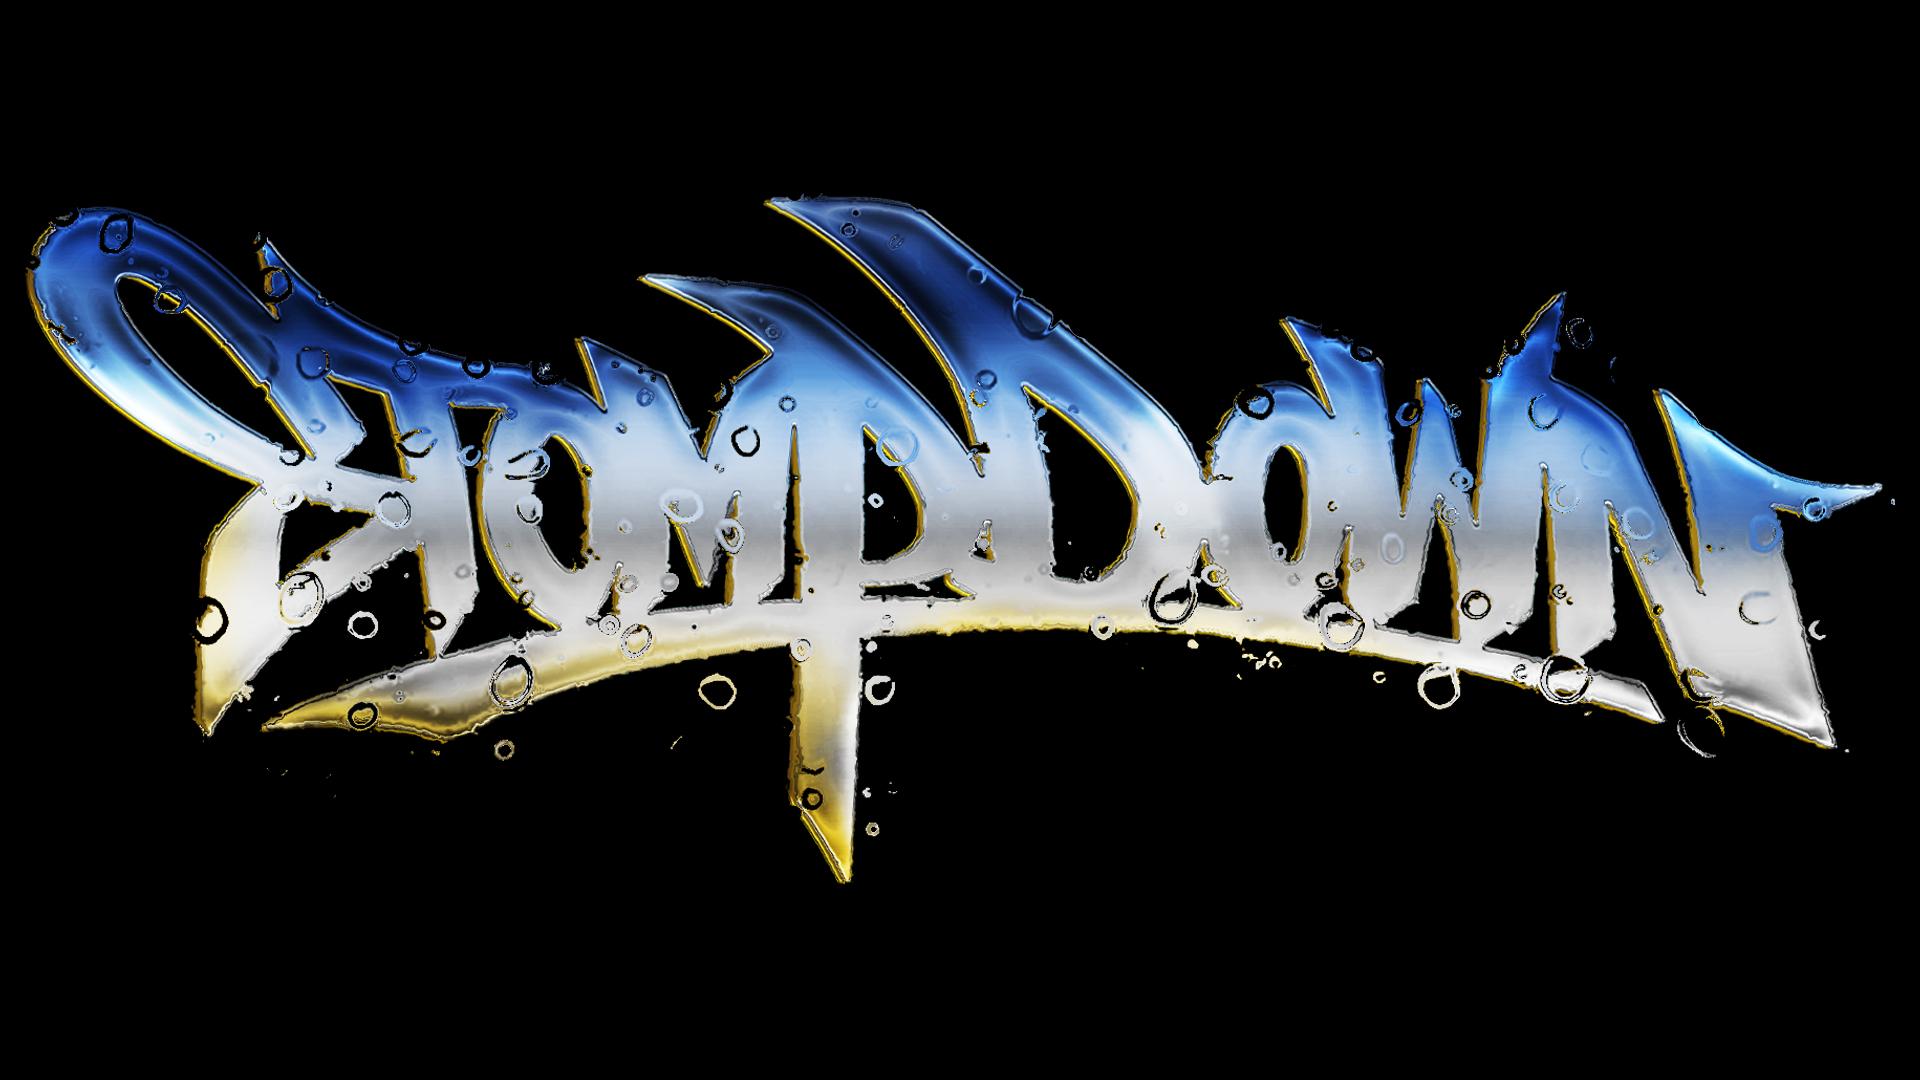 Stompdown_2